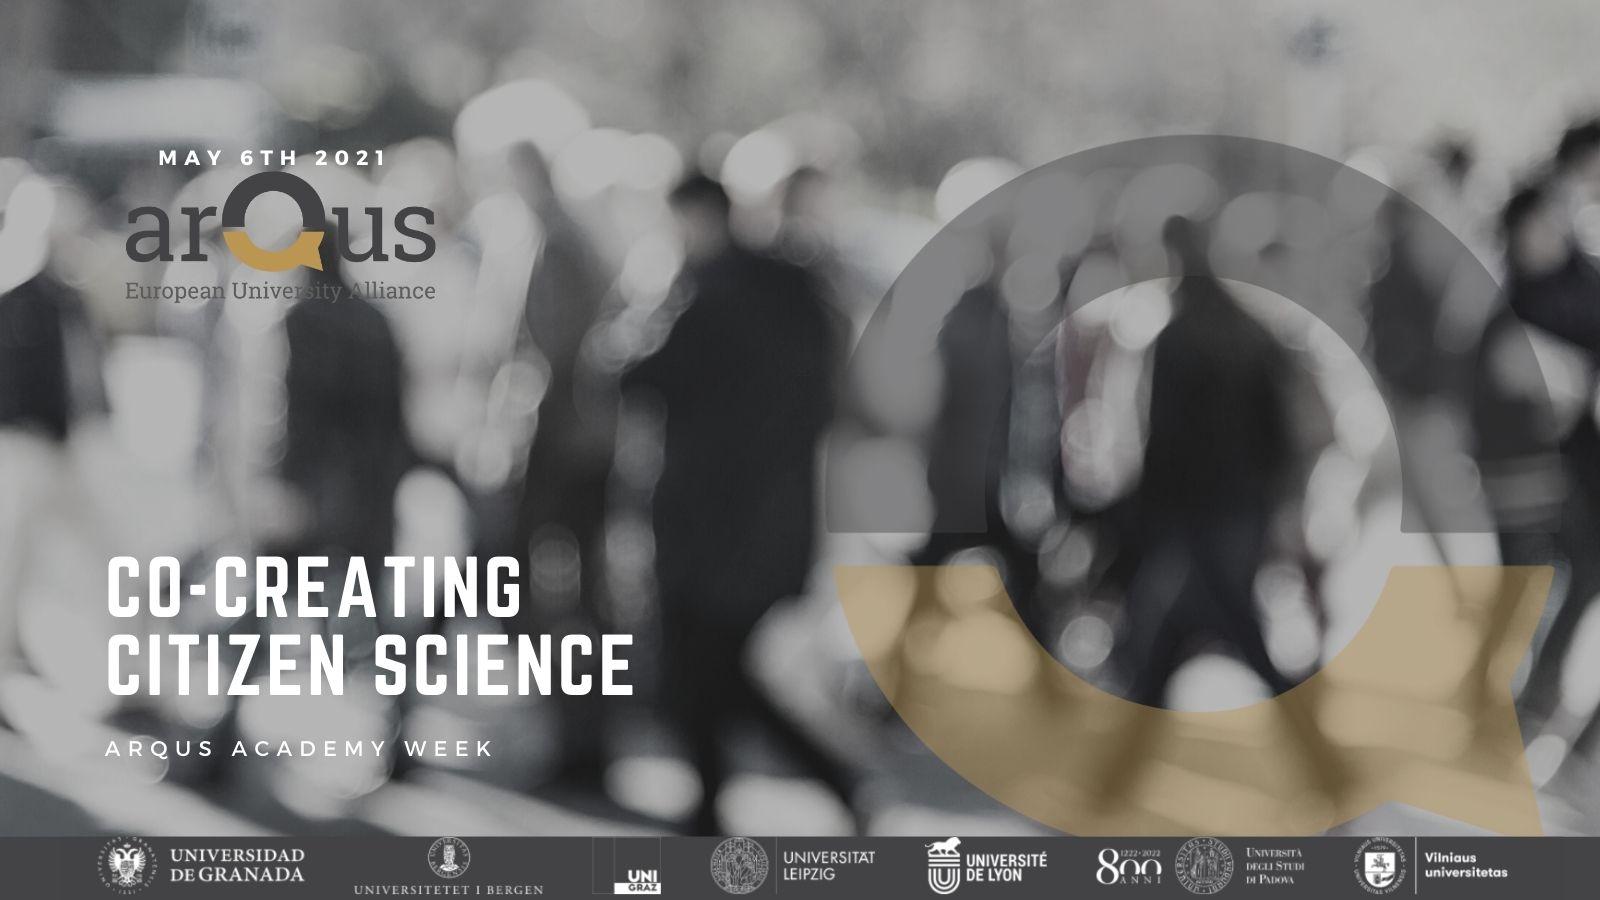 Co-creating Citizen Science: ¿Estás liderando o participando en una iniciativa de ciencia ciudadana?